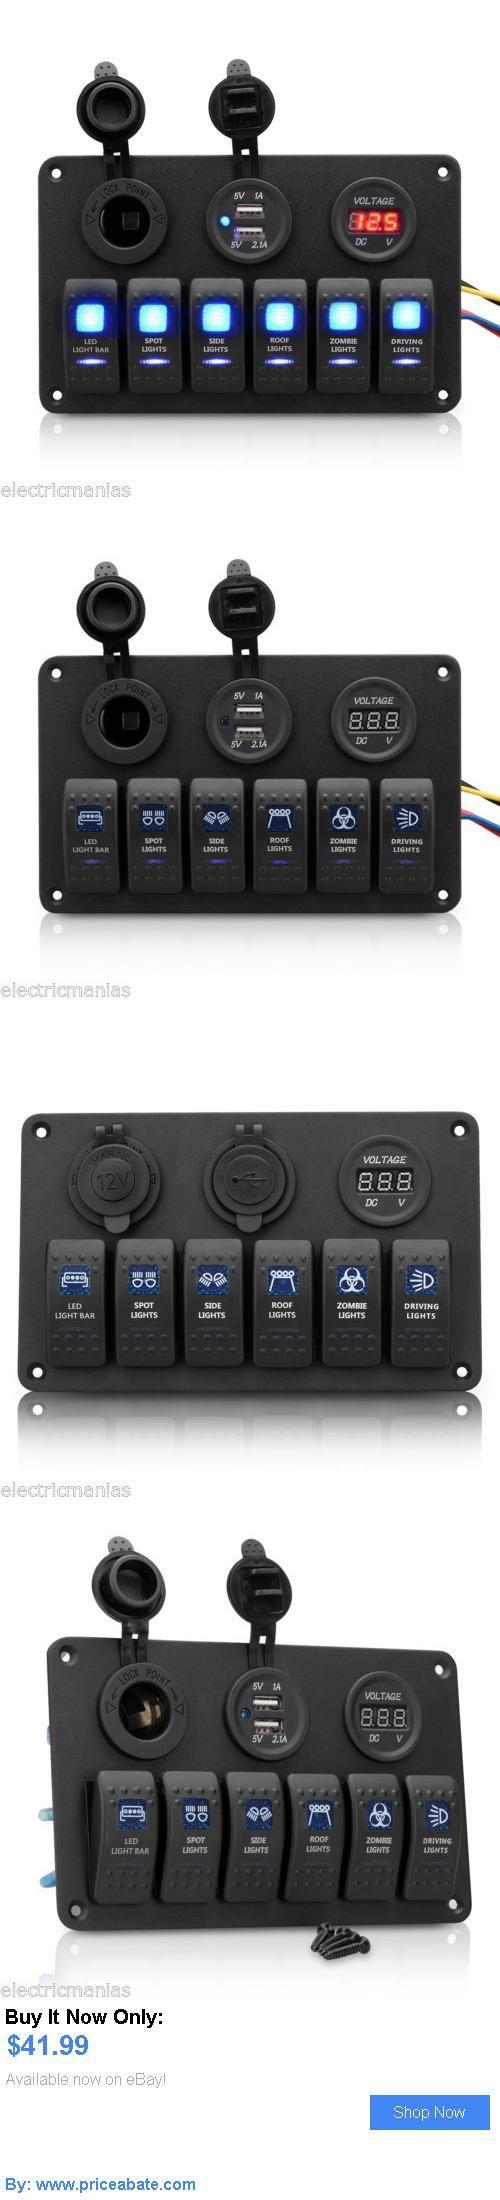 boat parts: 12V Car Boat Marine 6-Gang Led Rocker Switch Panel ...